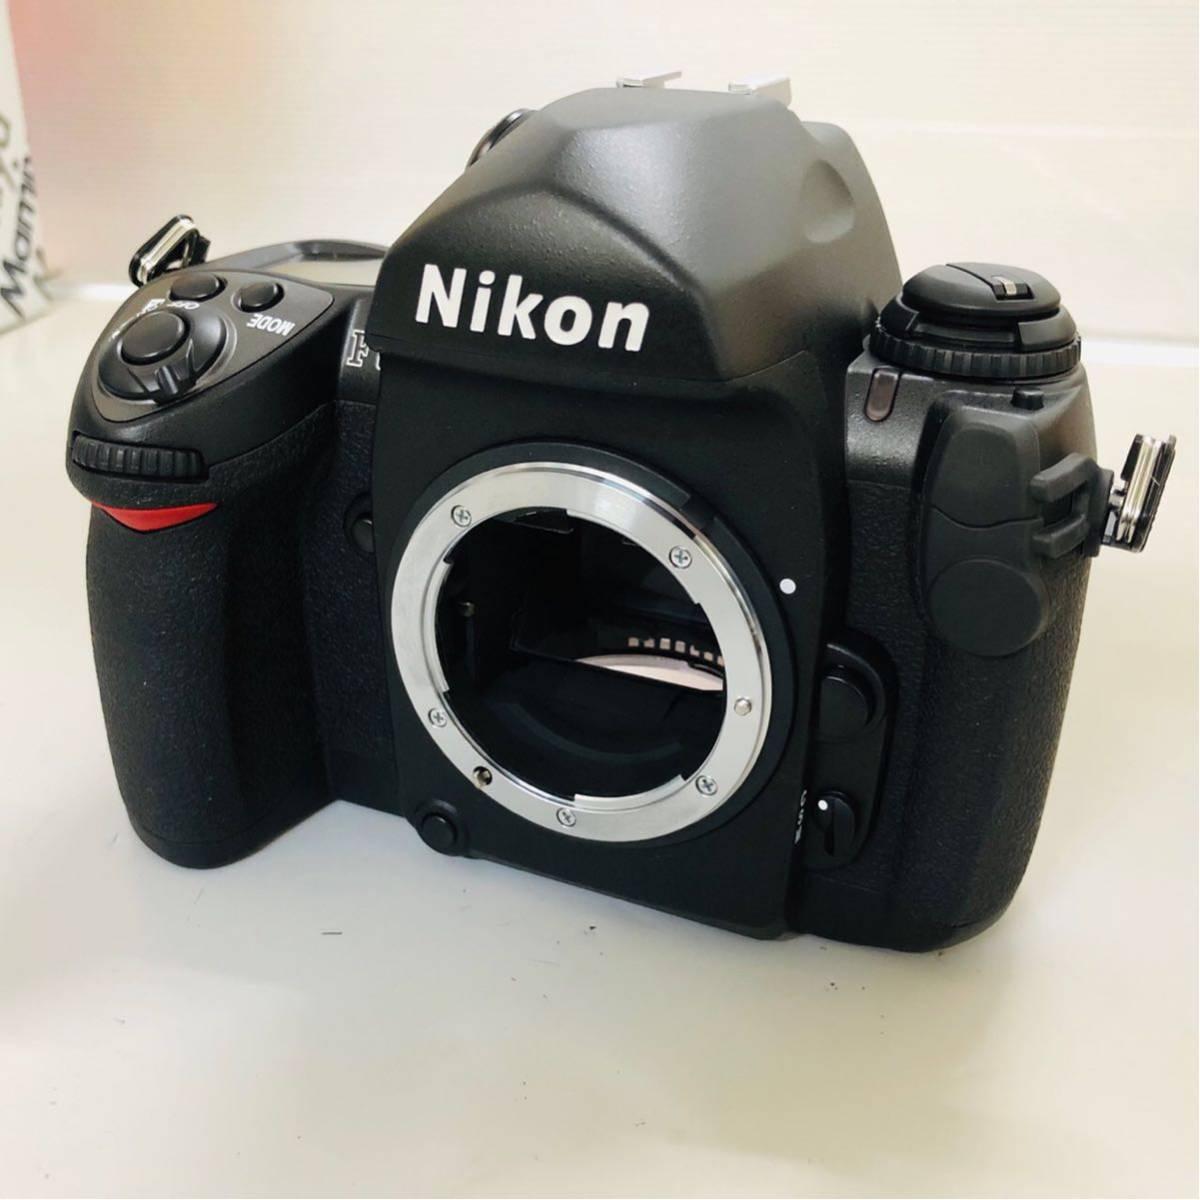 【コレクター放出品】Nikon ニコン F6 ボディ 箱付き シリアル一致元箱 _画像7